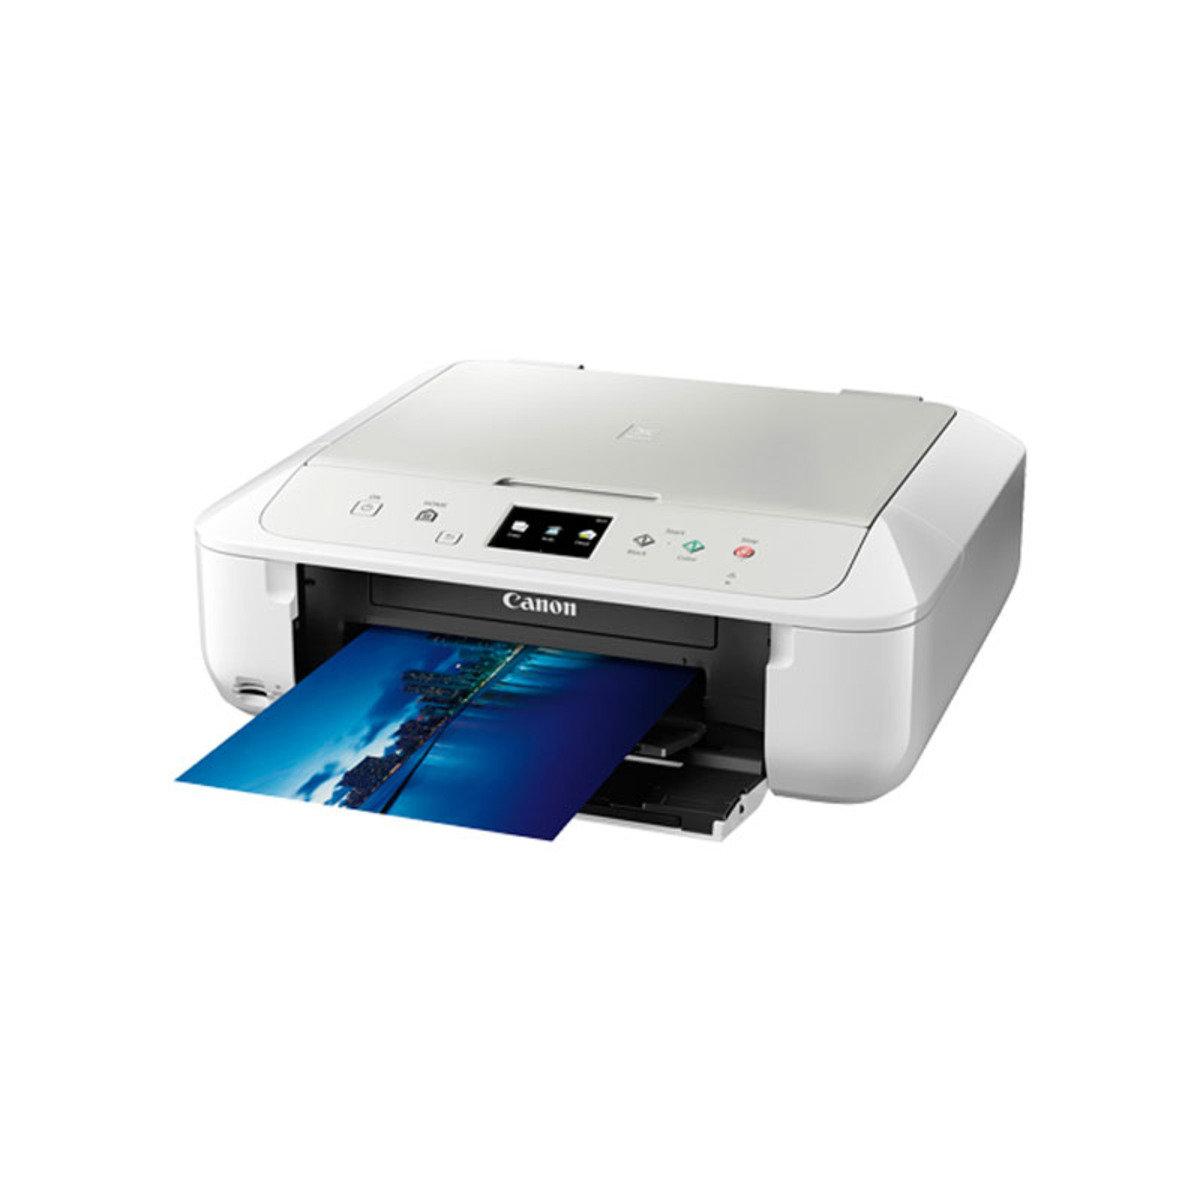 彩色打印 掃瞄 影印 多合一噴墨相片打印機 MG6870 白色